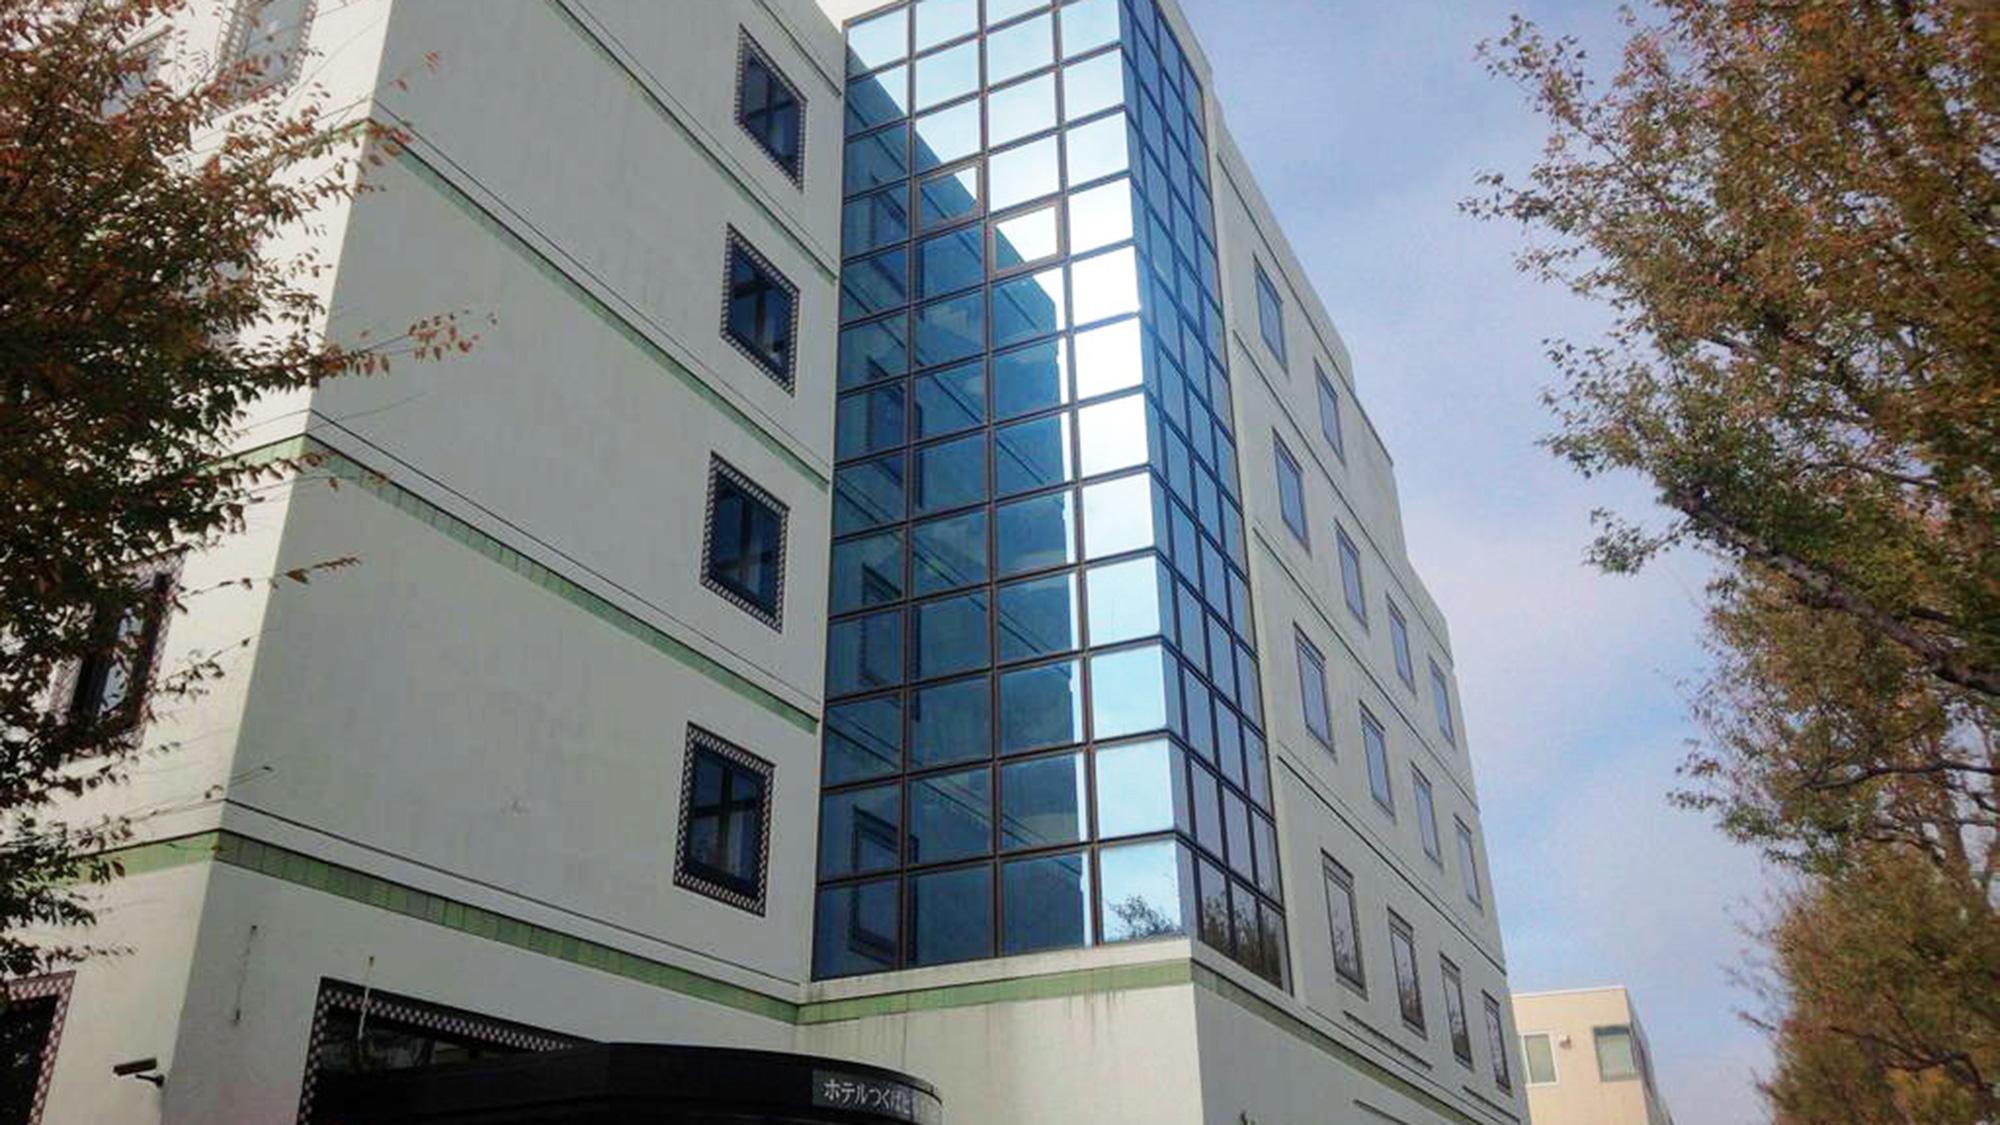 ホテルつくばヒルズ 梅園店(BBHホテルグループ)の施設画像